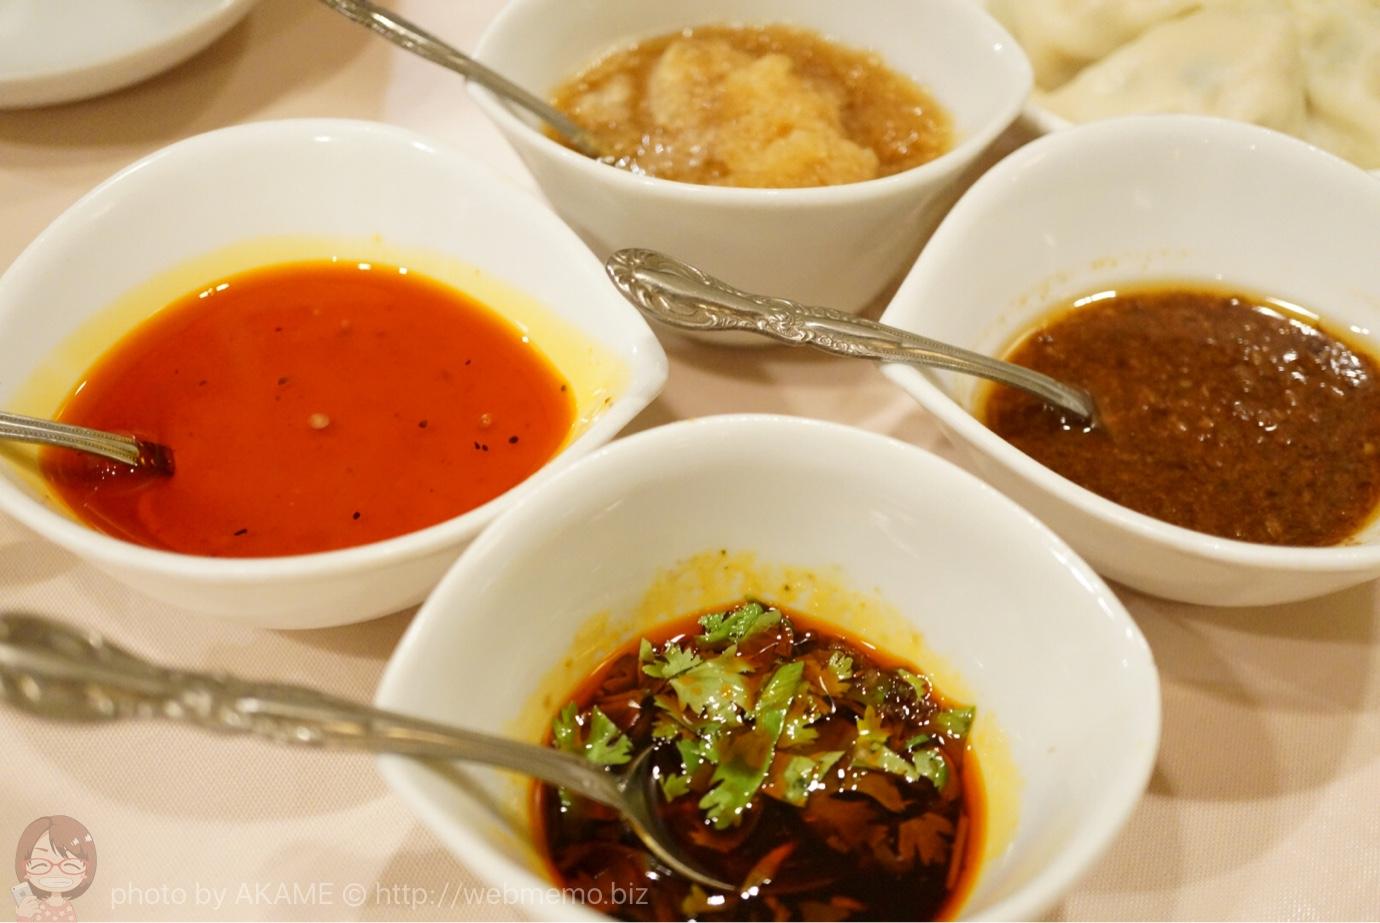 タレは香港式、四川式、山西式、日本式の4種類